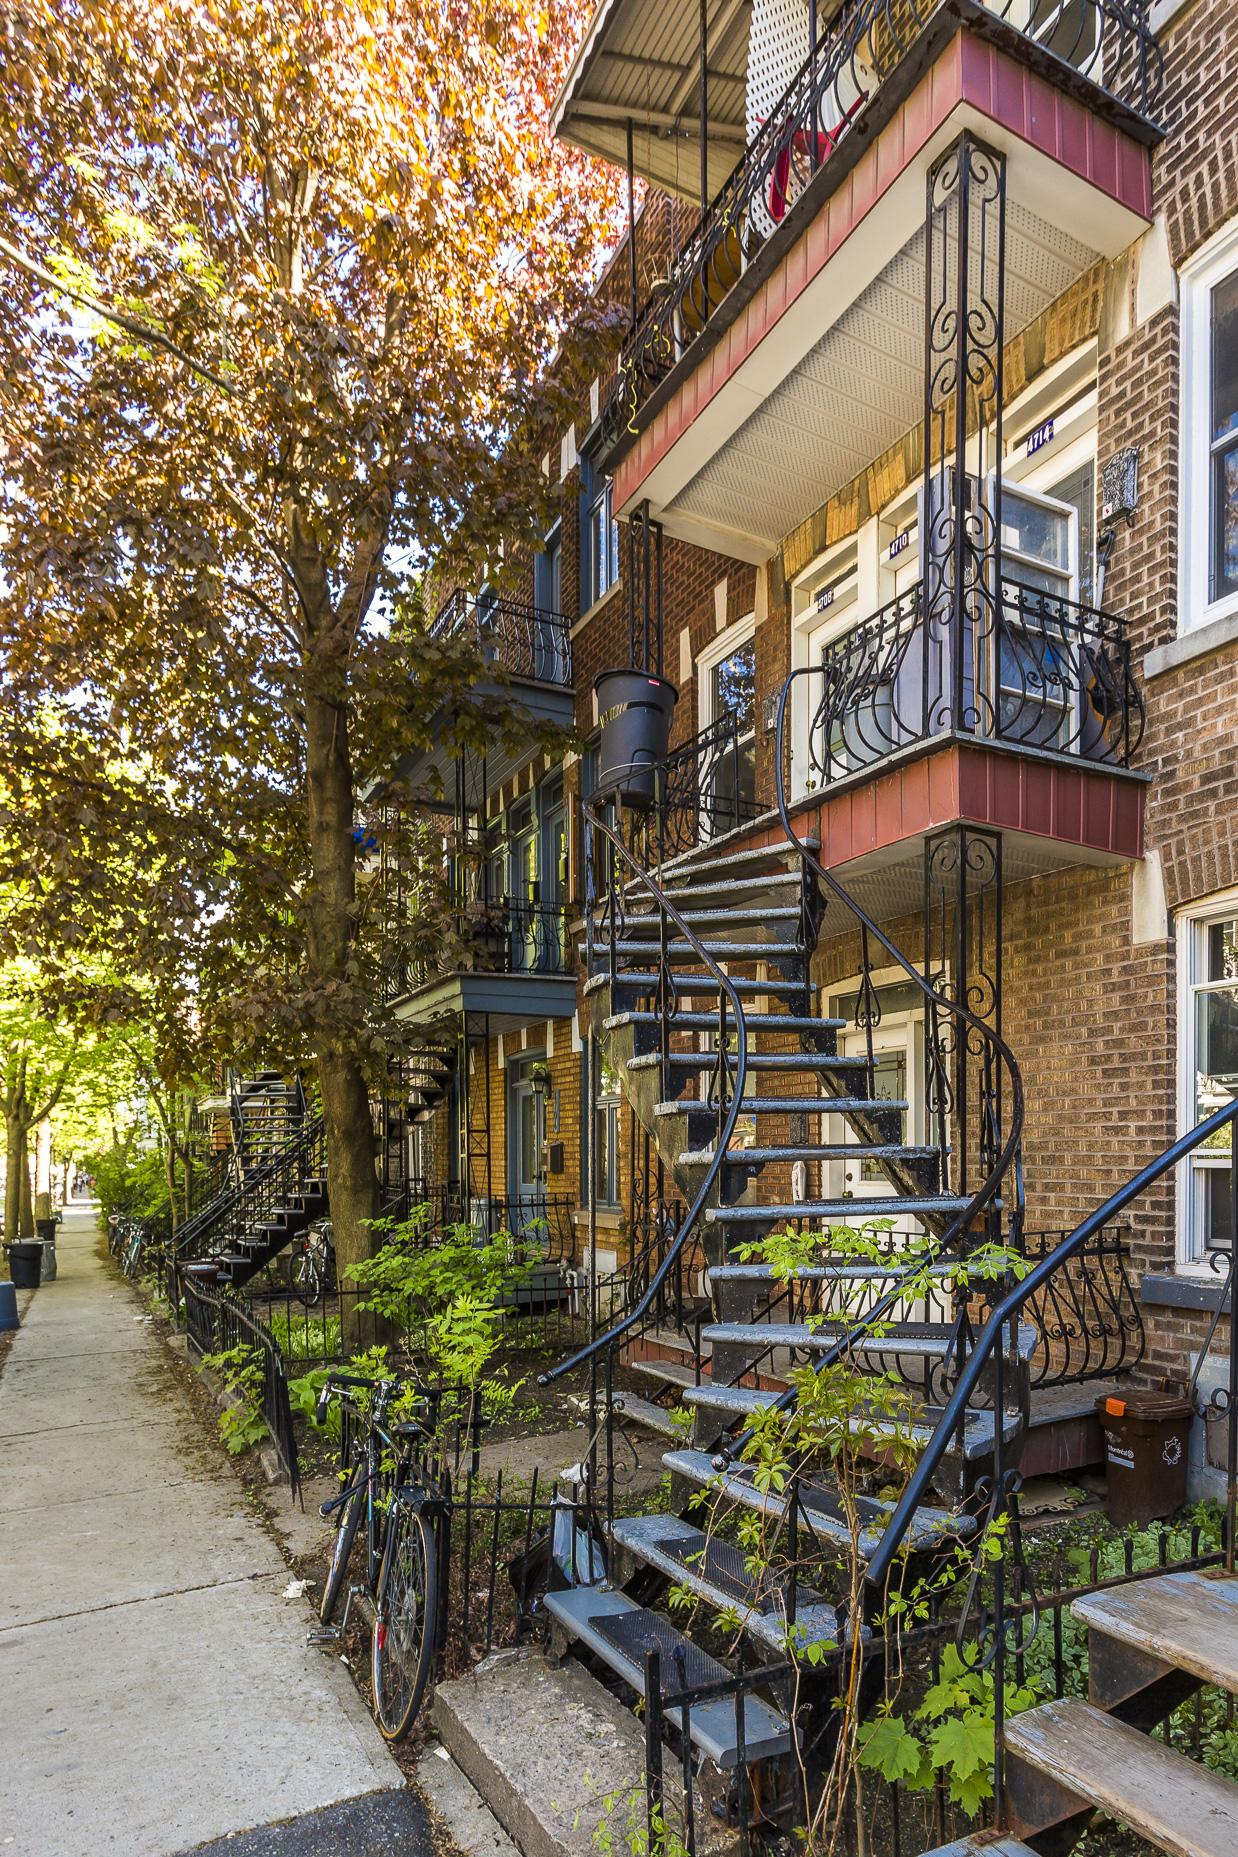 4622_gorini_realty_immobilier_photographe.jpg